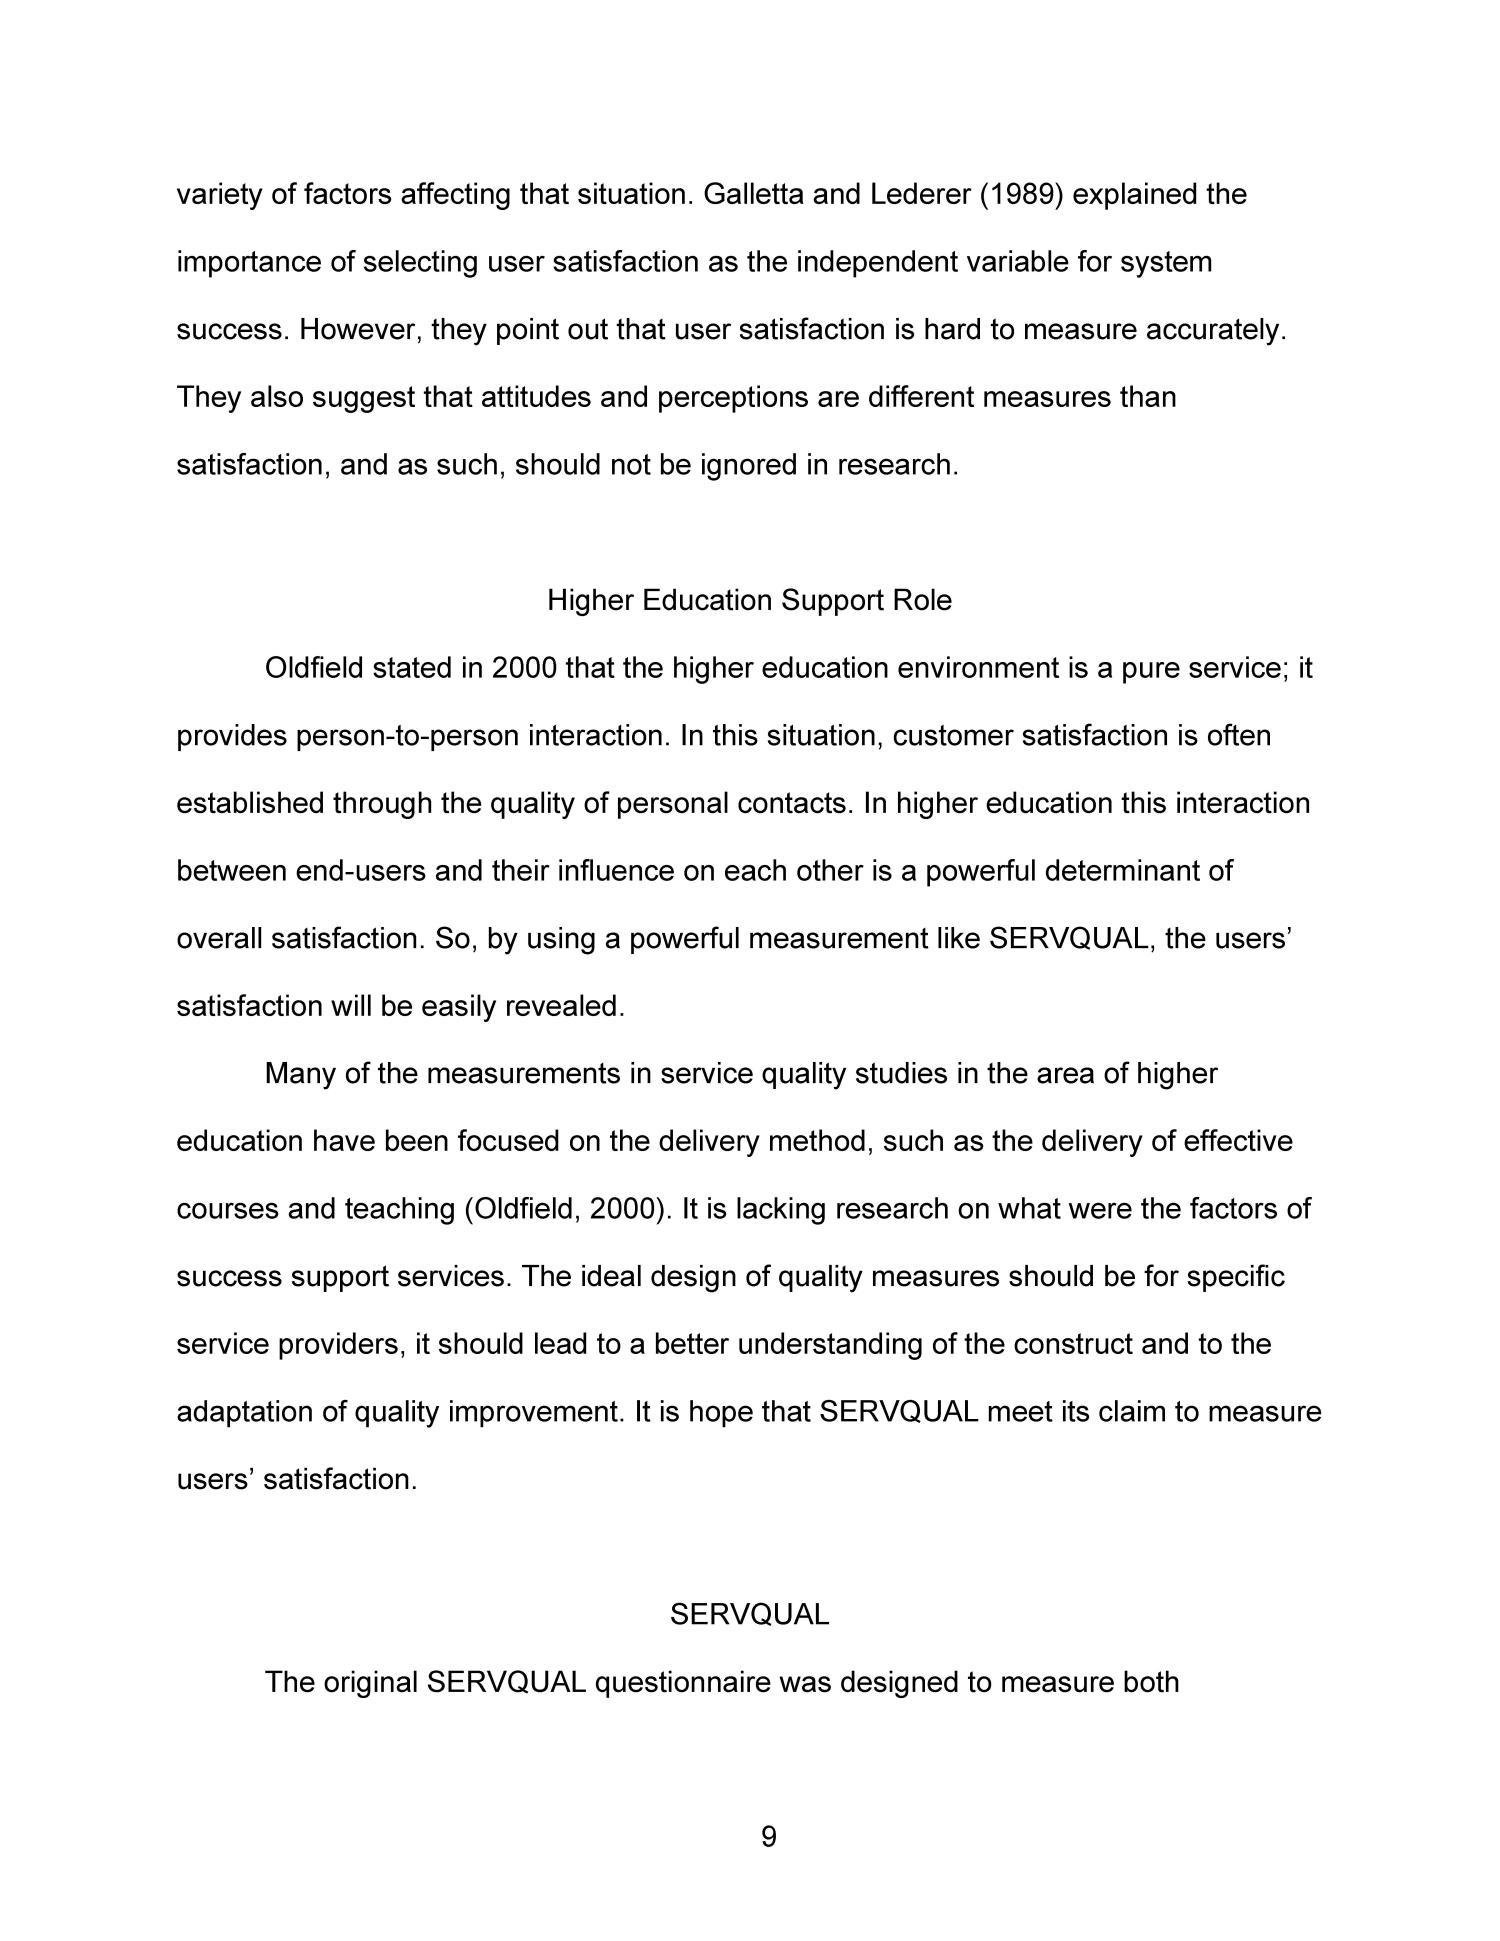 servqual essay